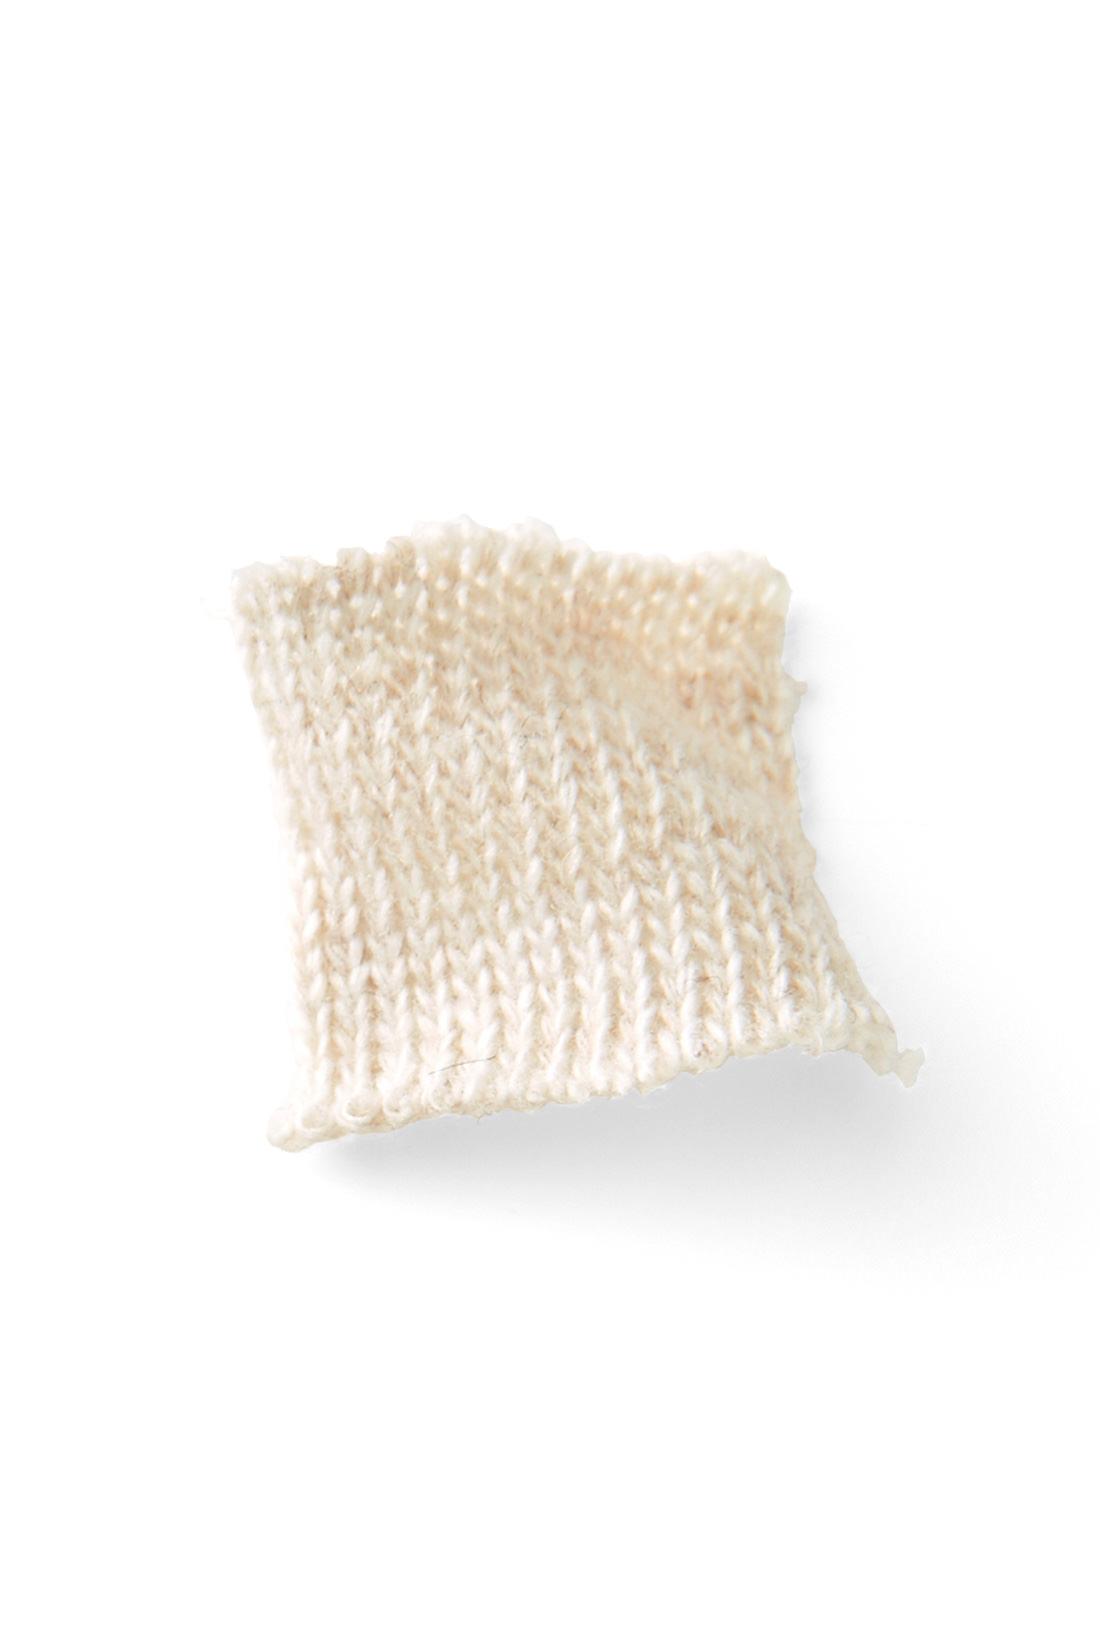 ふんわりやわらかで暖かい注目のヤク混ウールを使用。